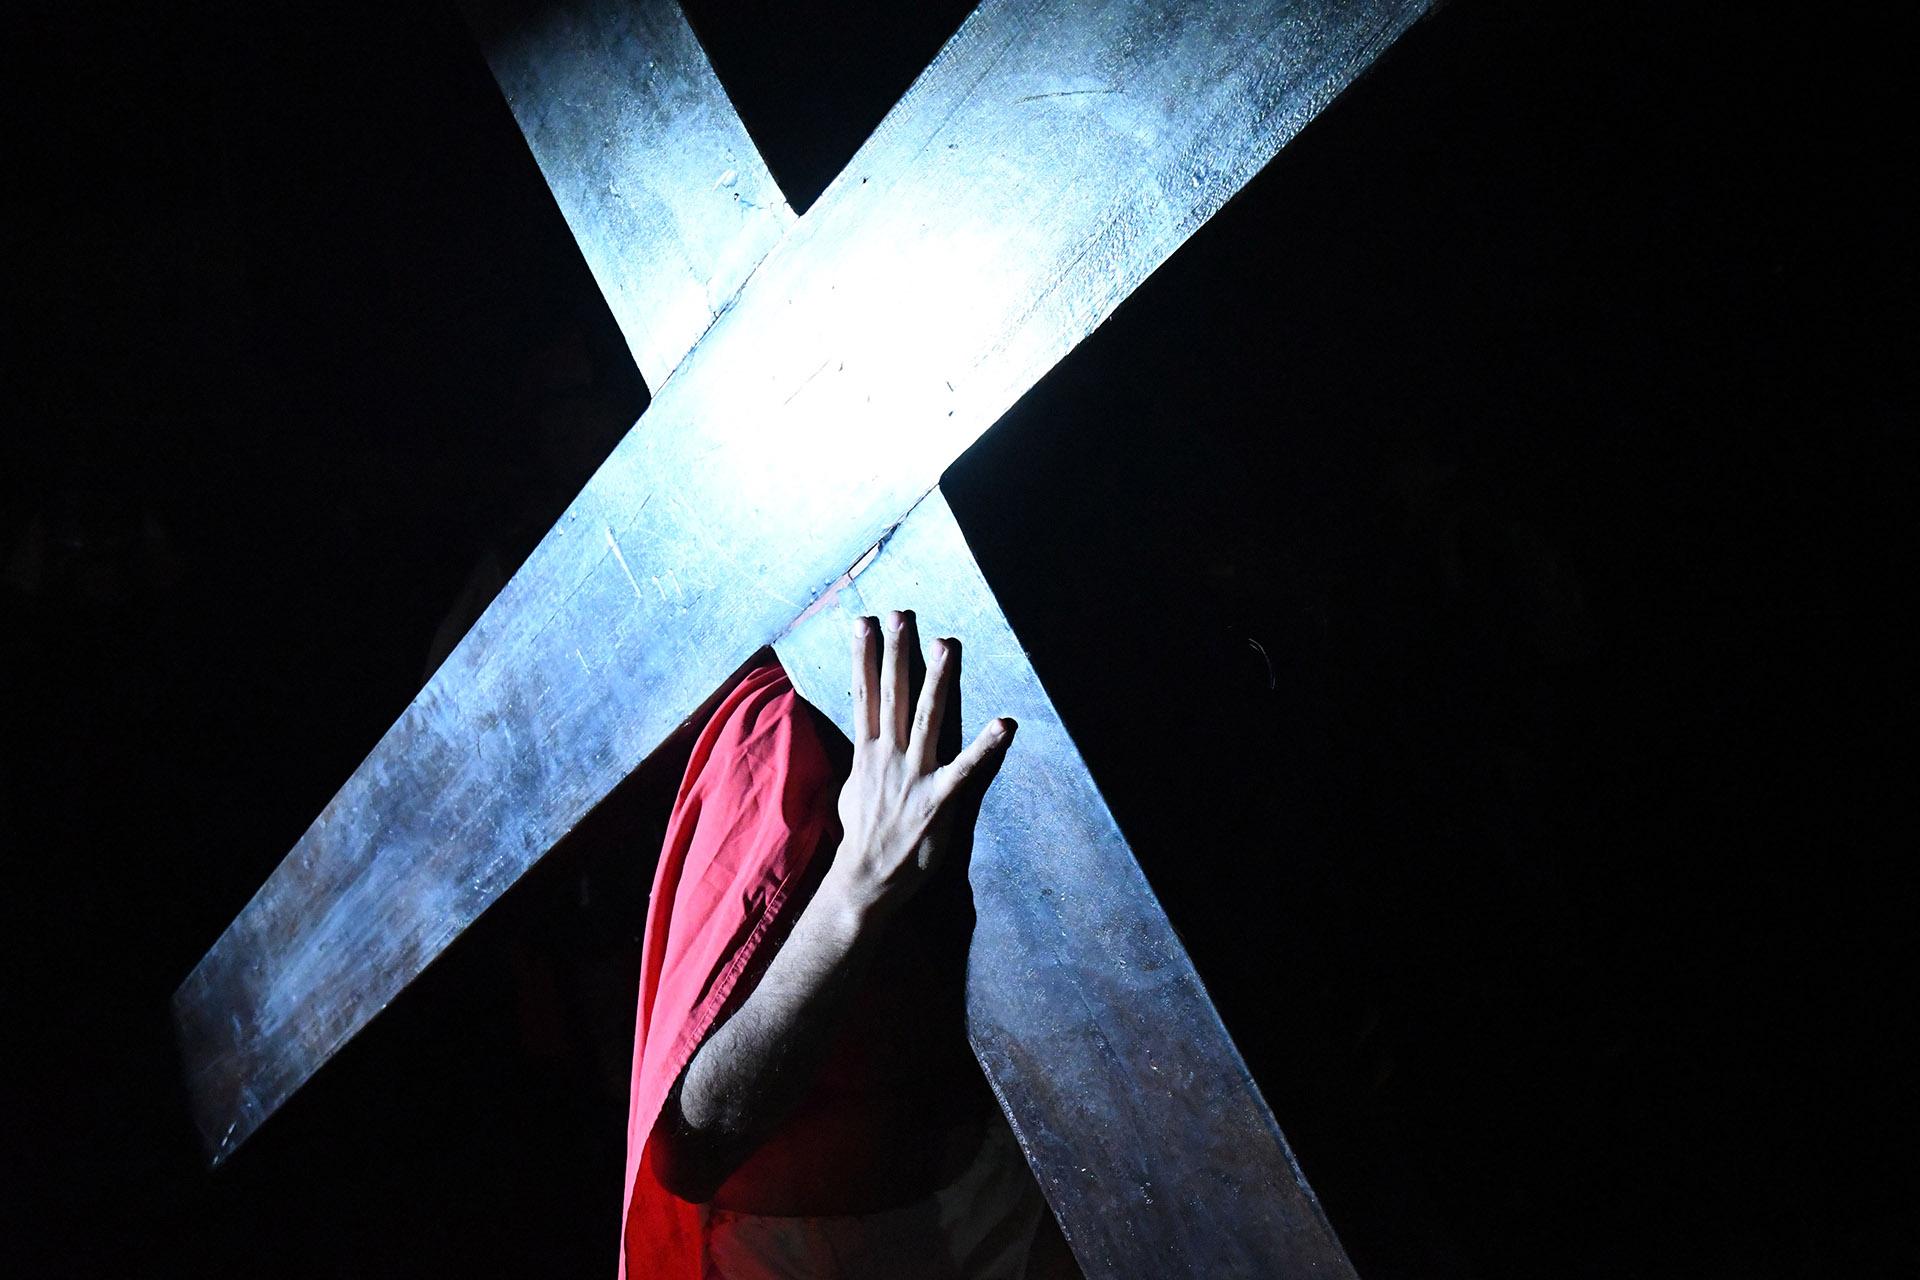 Buenos Aires, Villa Gesell, se realizó ayer una vez más el tradicional Vía Crucis Viviente, organizado por la juventud parroquial. El evento recorrió las diferentes estaciones seguido por una multitud desde 3 y 113 hasta la Parroquia, donde se escenificó la crucifixión